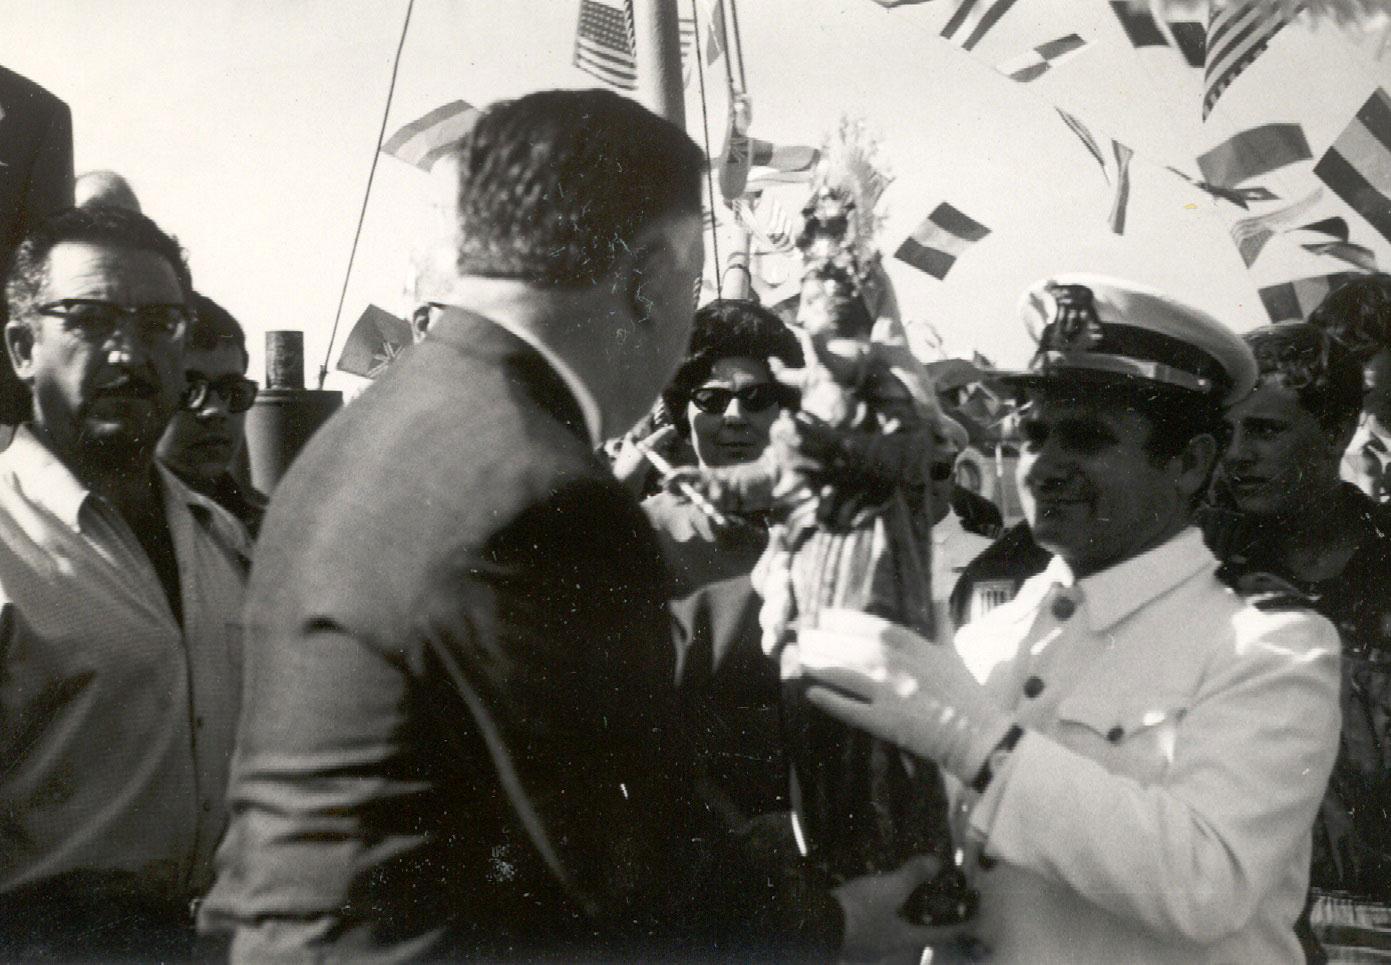 Autoritats embarcant la imatge de la Verge durant la processó marítima l'any 1968 AMSFG. Fons Enric Figueras (Autor: desconegut)